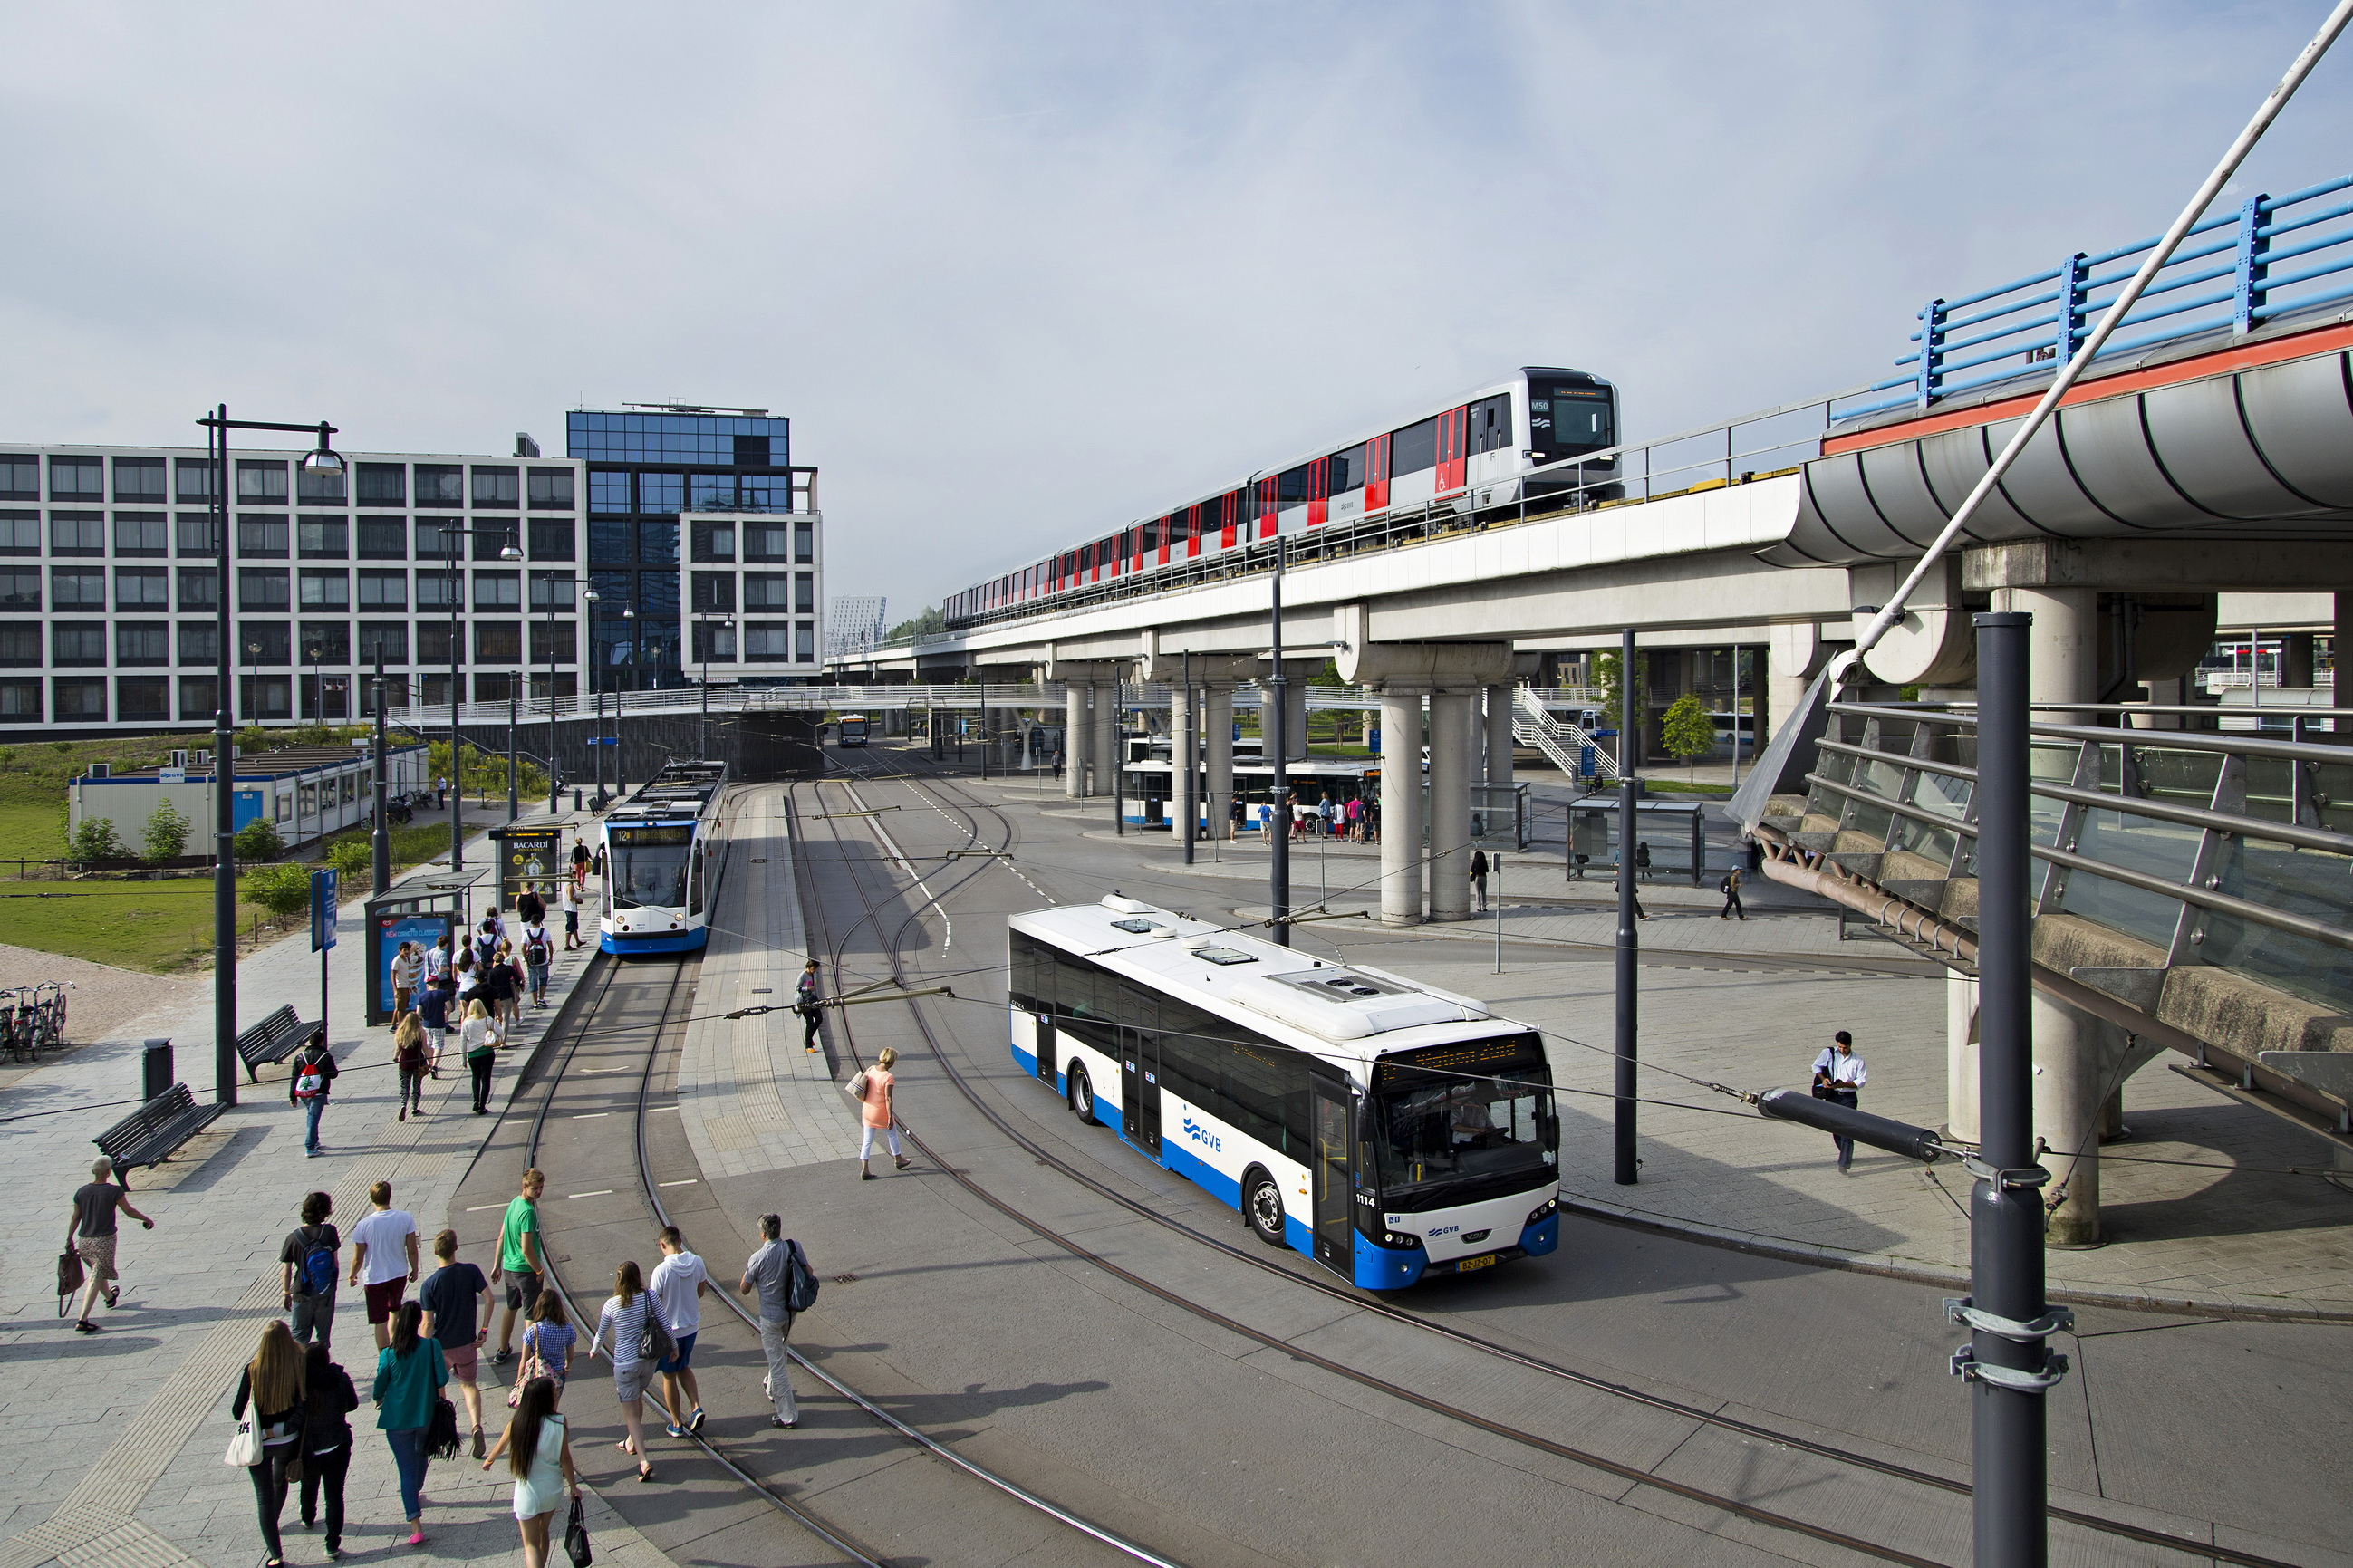 Tiental Maatregelen Moet Ov In Amsterdam Aantrekkelijker